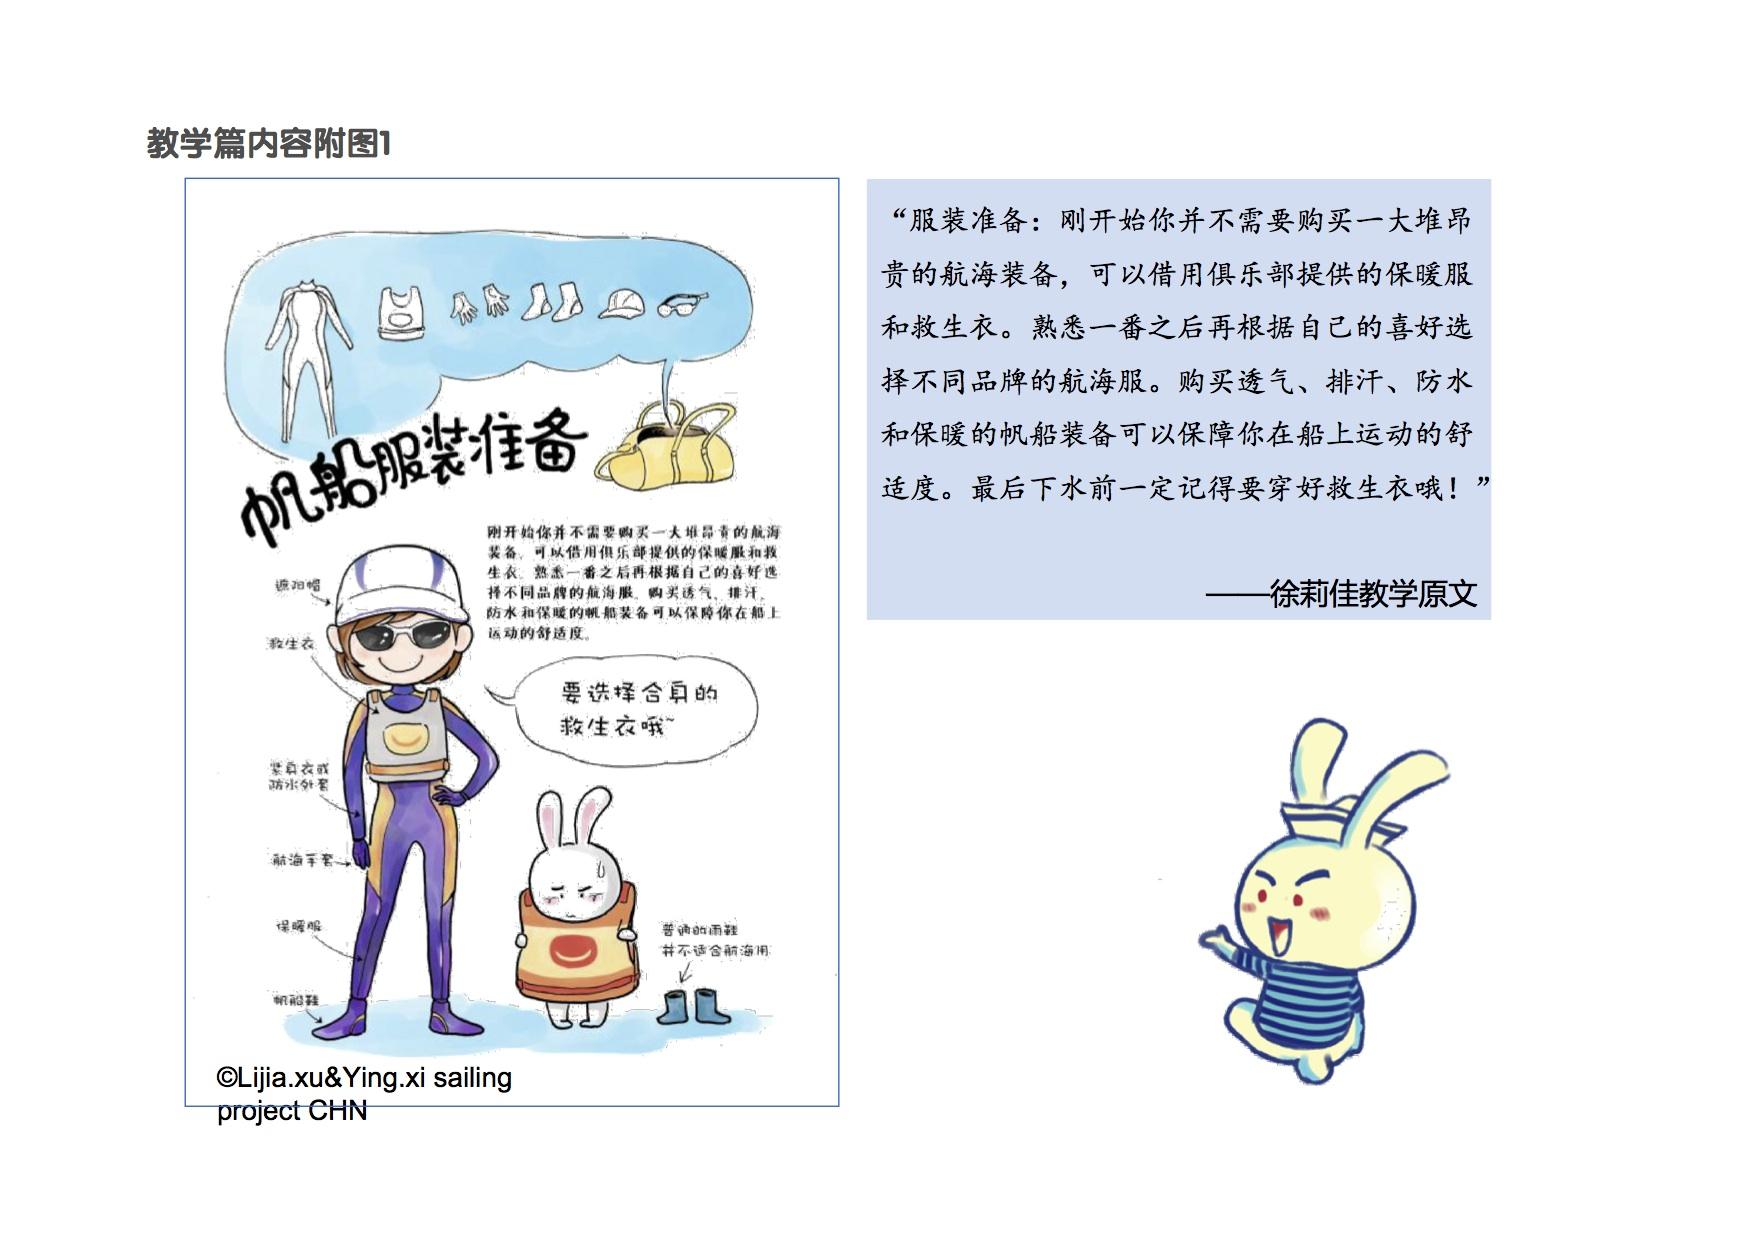 徐莉佳,帆船 一起来支持徐莉佳帆船漫画系列书 绘本帆船创作企划案15.jpg